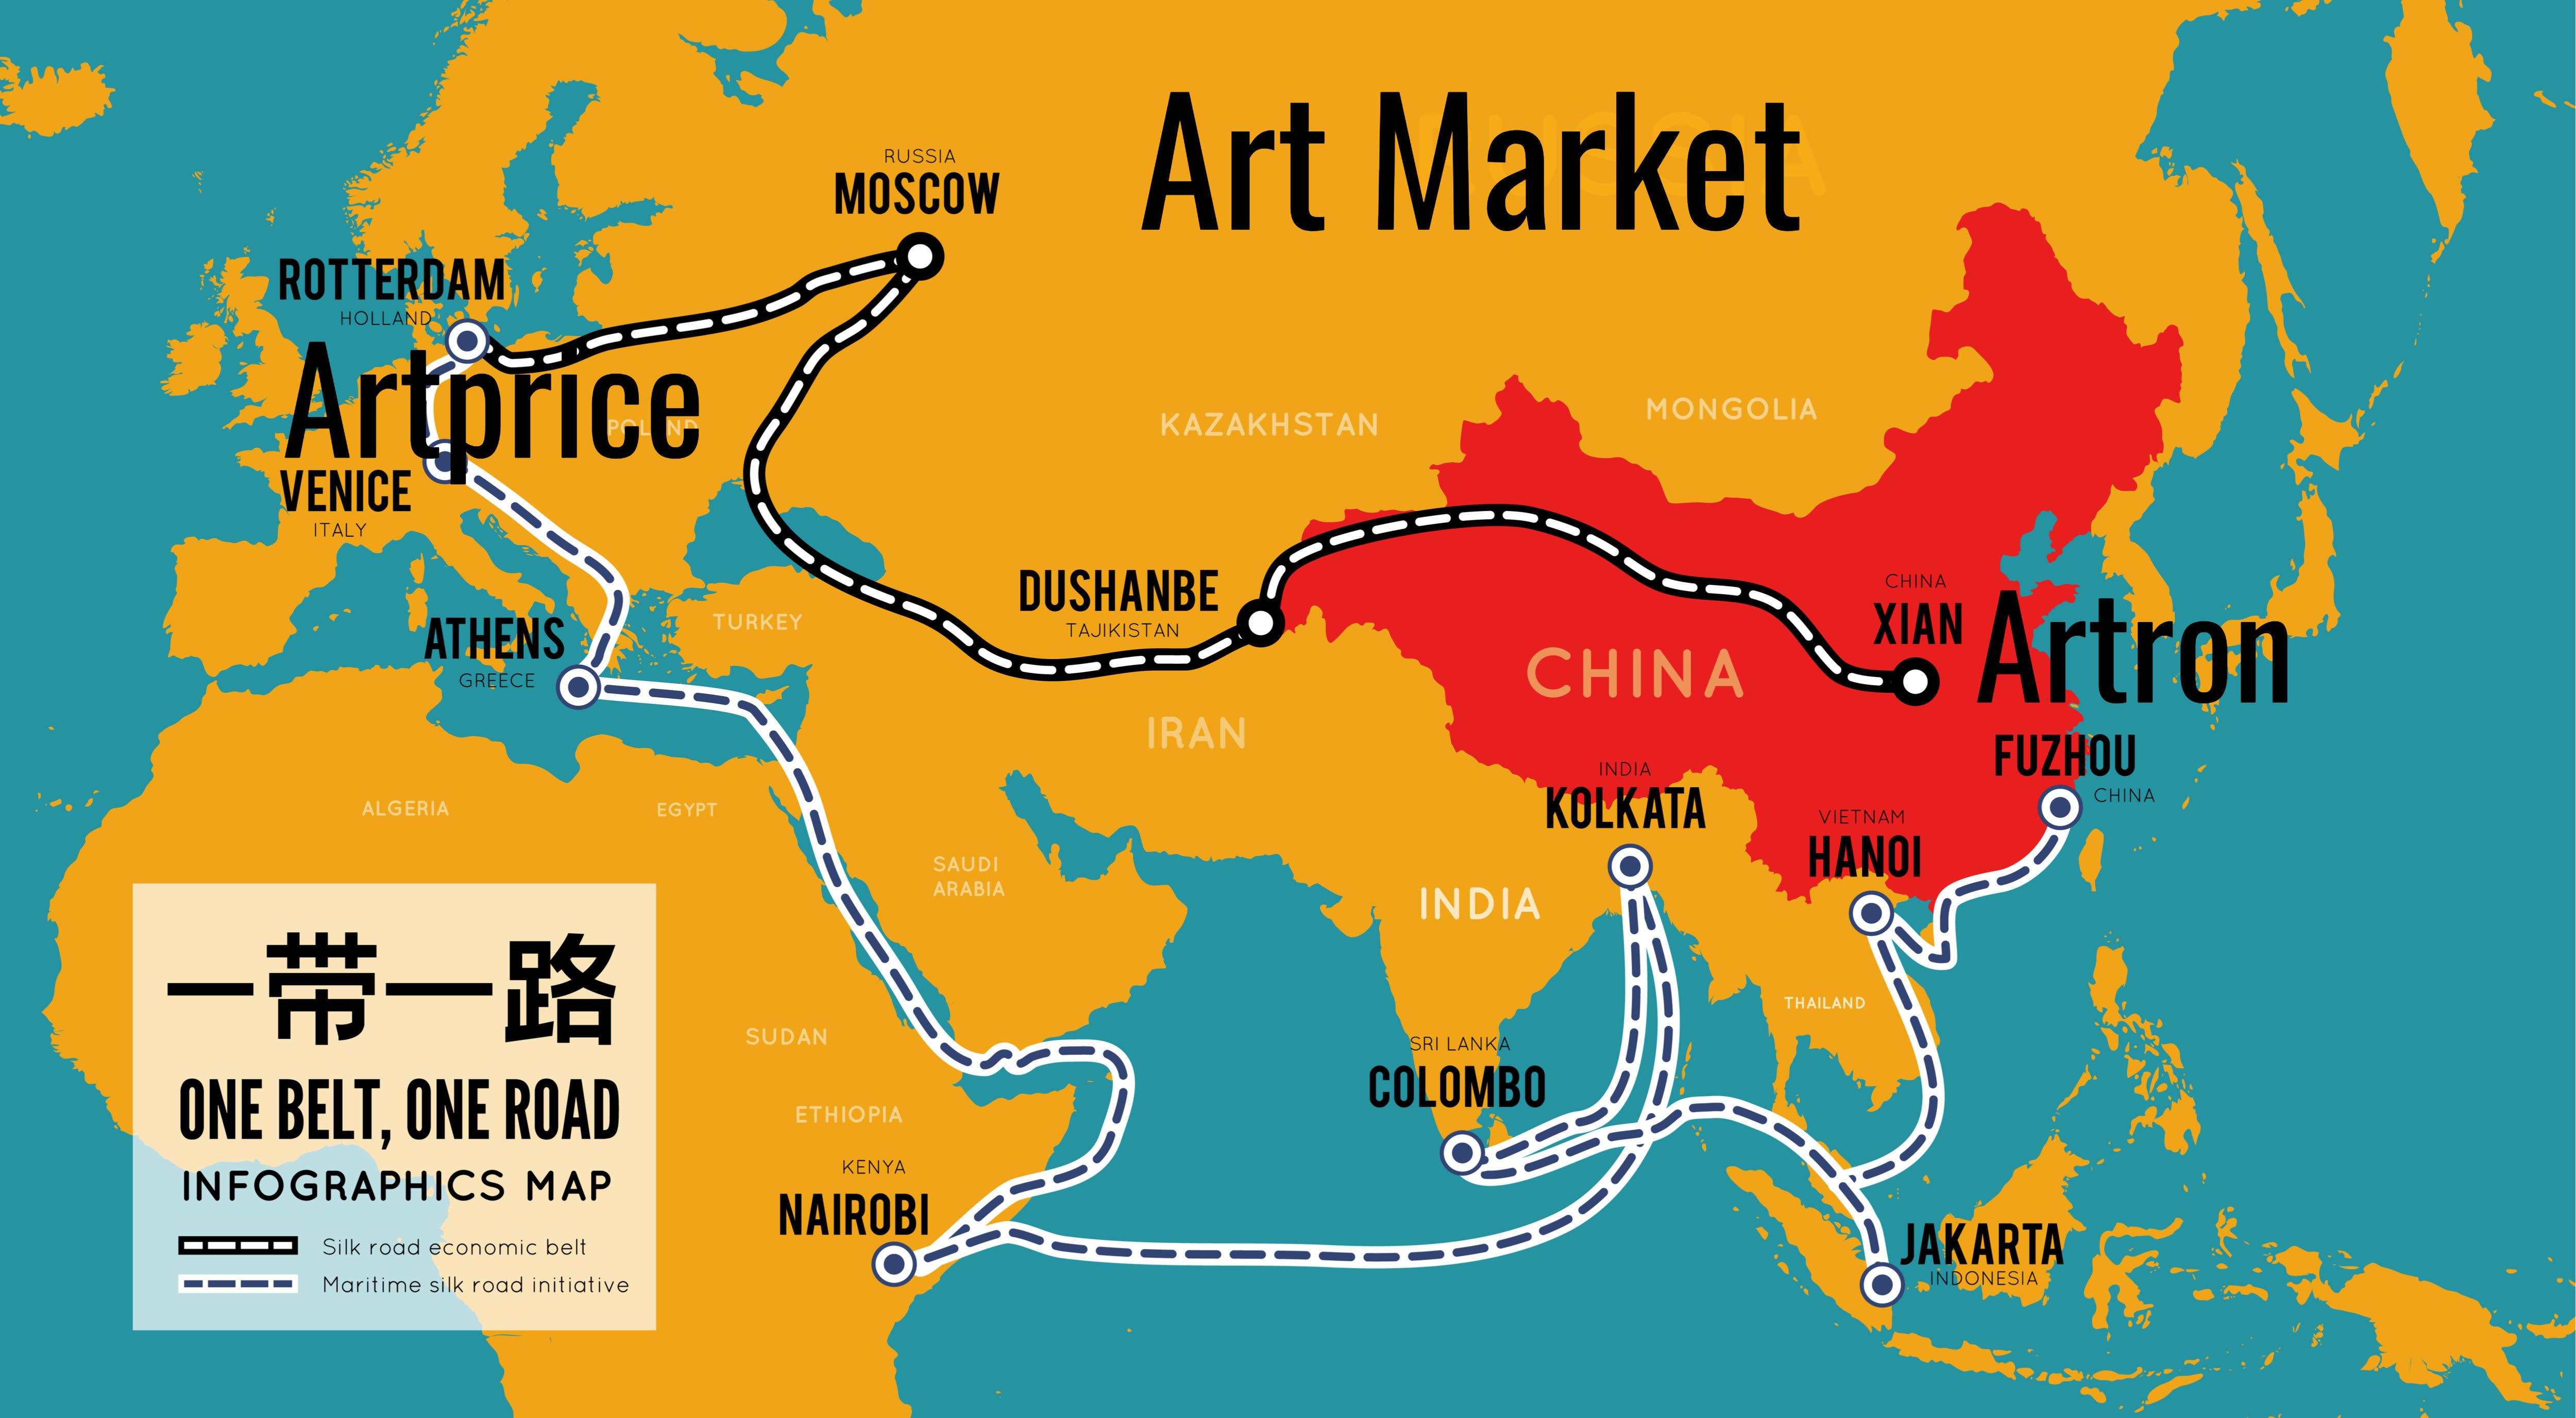 一带一路倡议 (BRI) Artprice - 雅昌文化集团 - 艺术市场